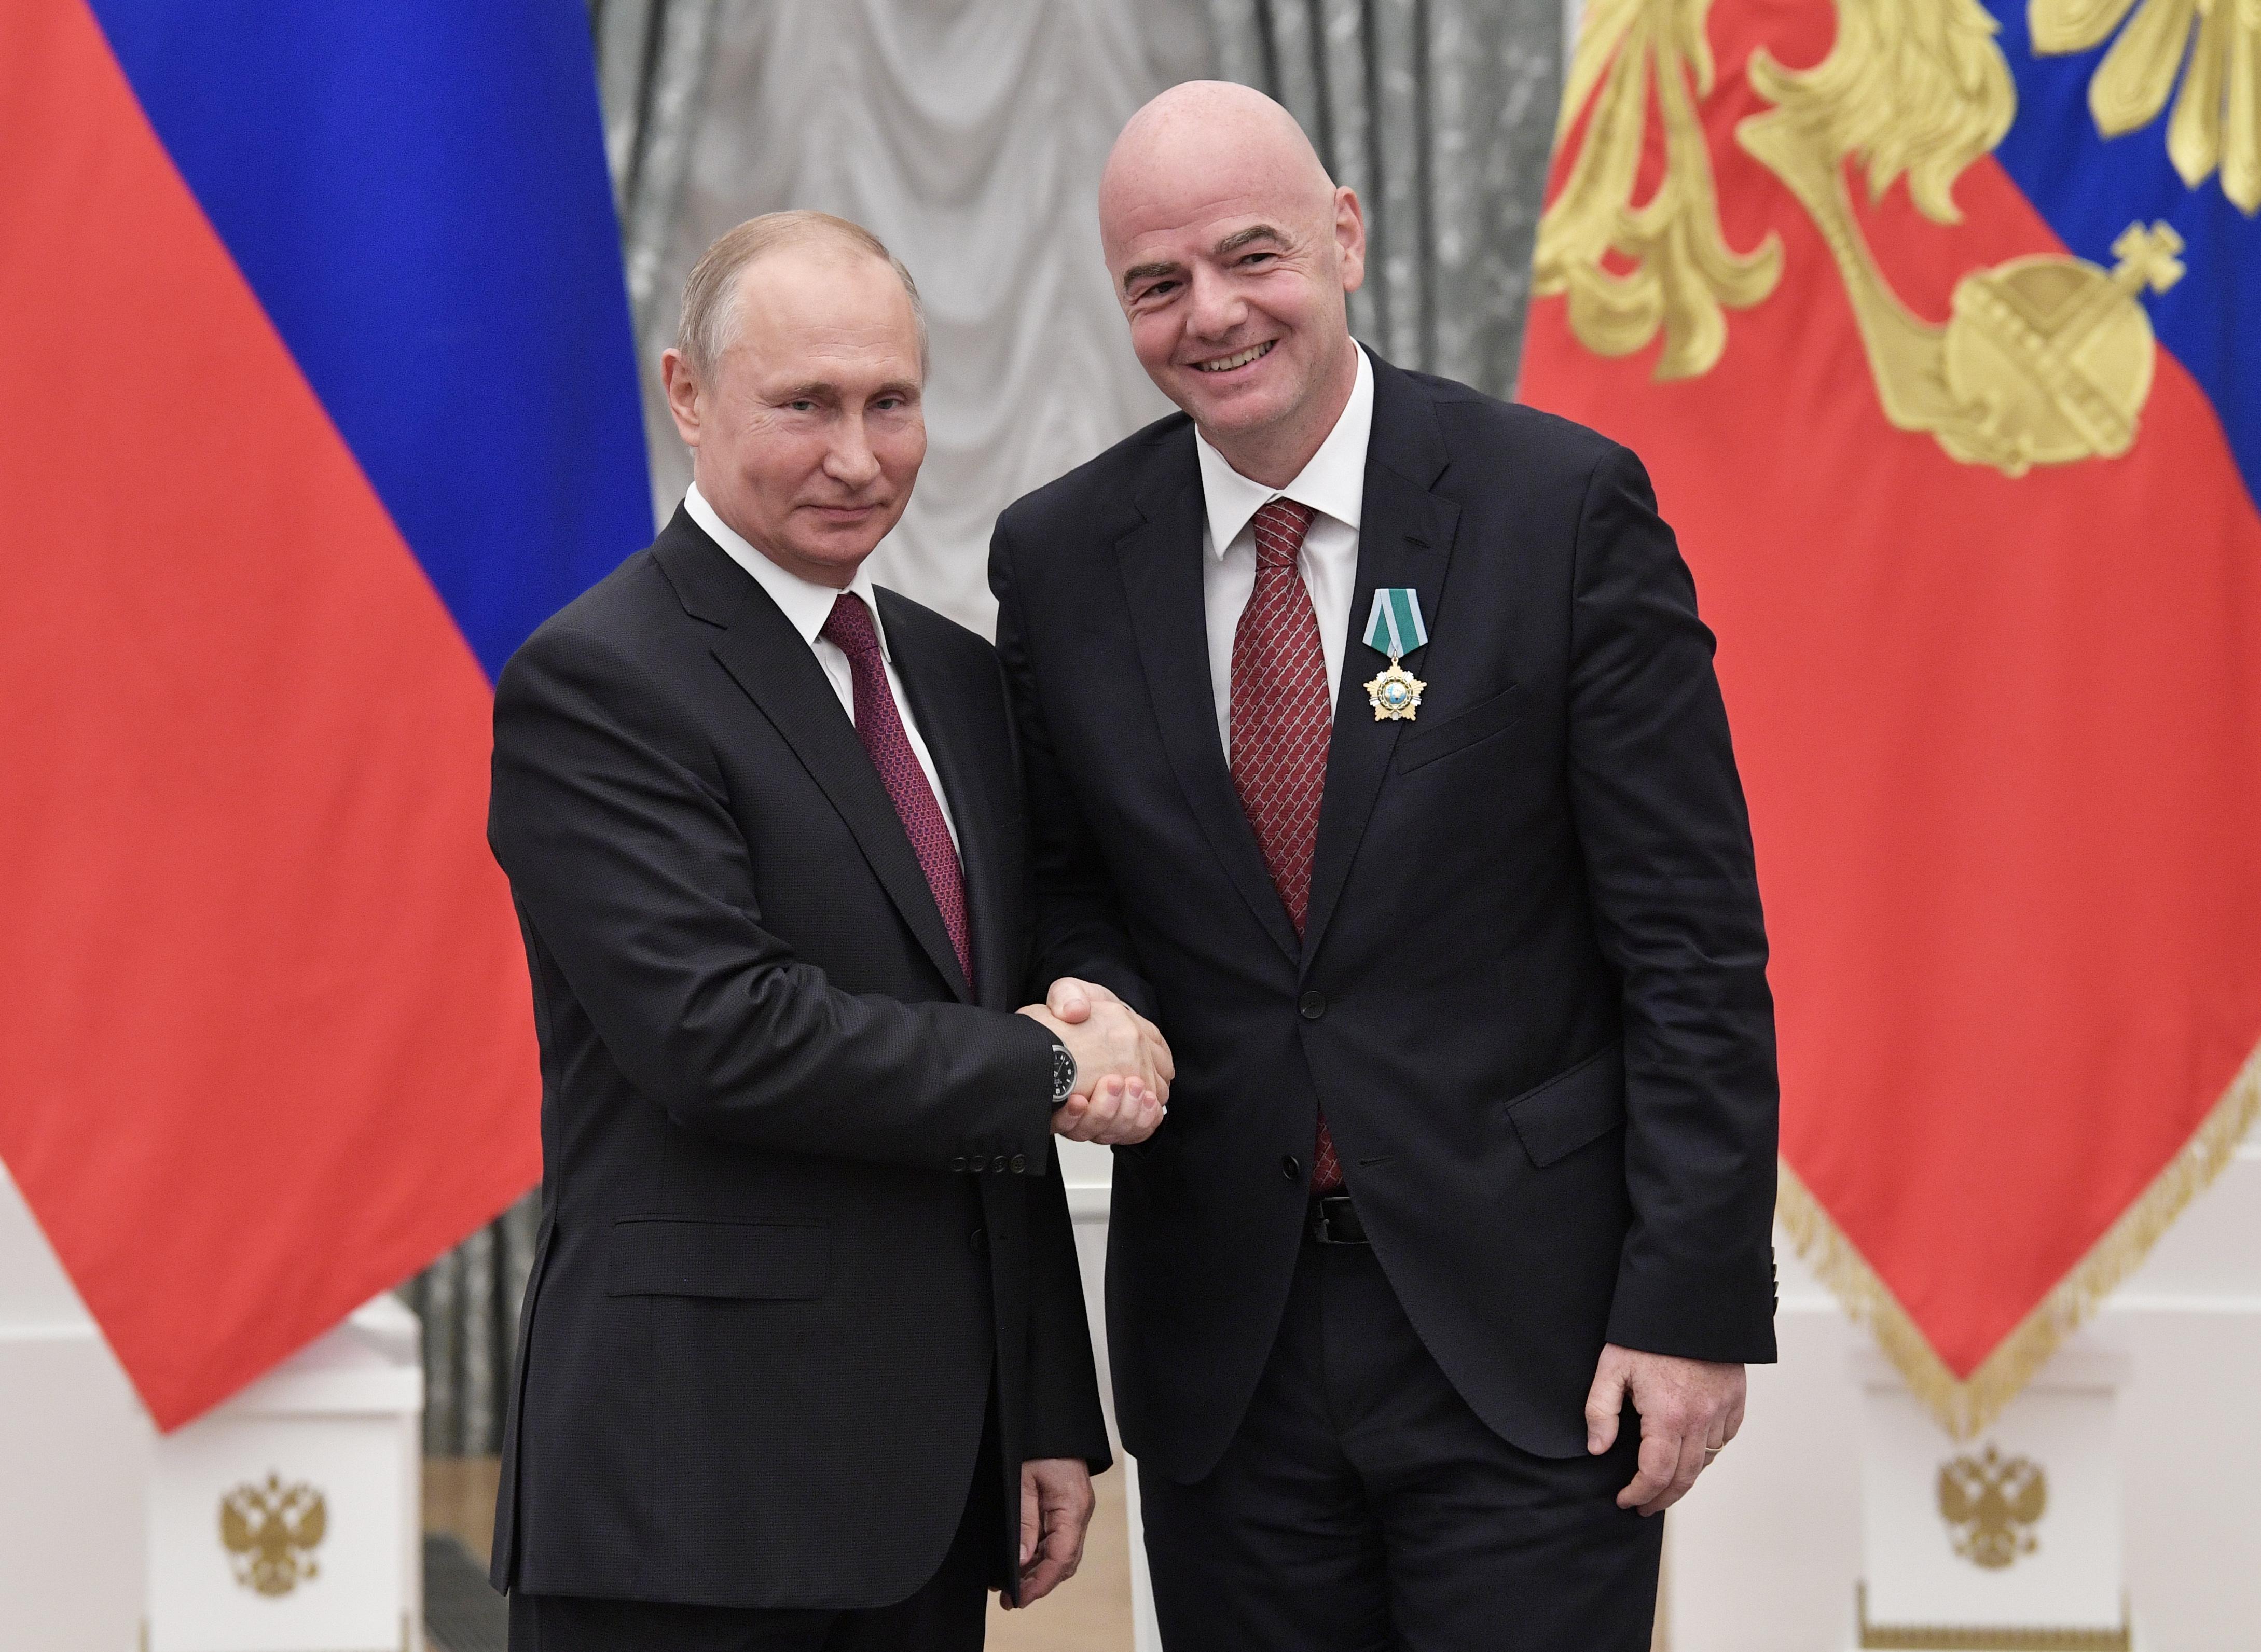 Vlagyimir Putyin orosz elnök a Barátság Érdemrenddel tüntette ki a FIFA elnökét